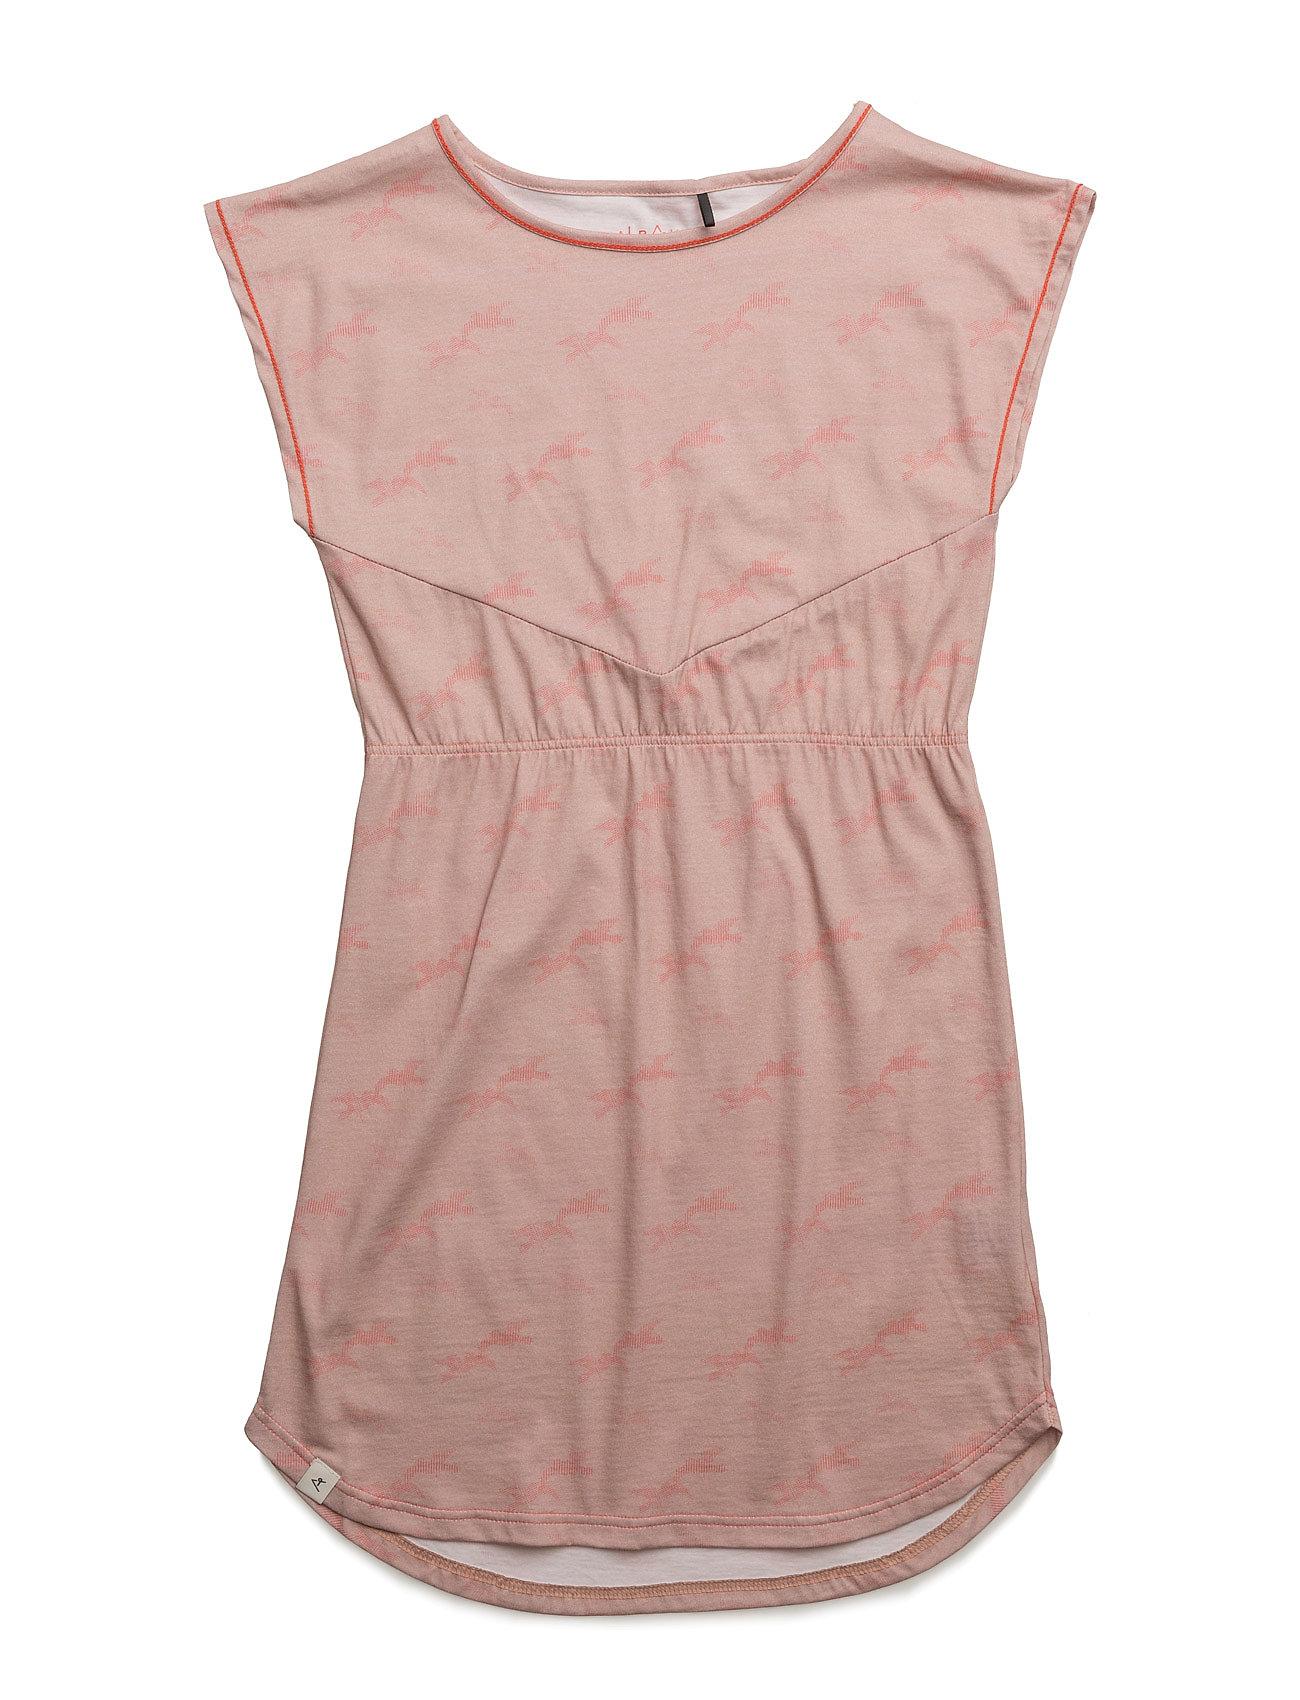 0677c1dd9858 Shop Rachel Dress AlbaBaby Kjoler i til Børn på Boozt.dk